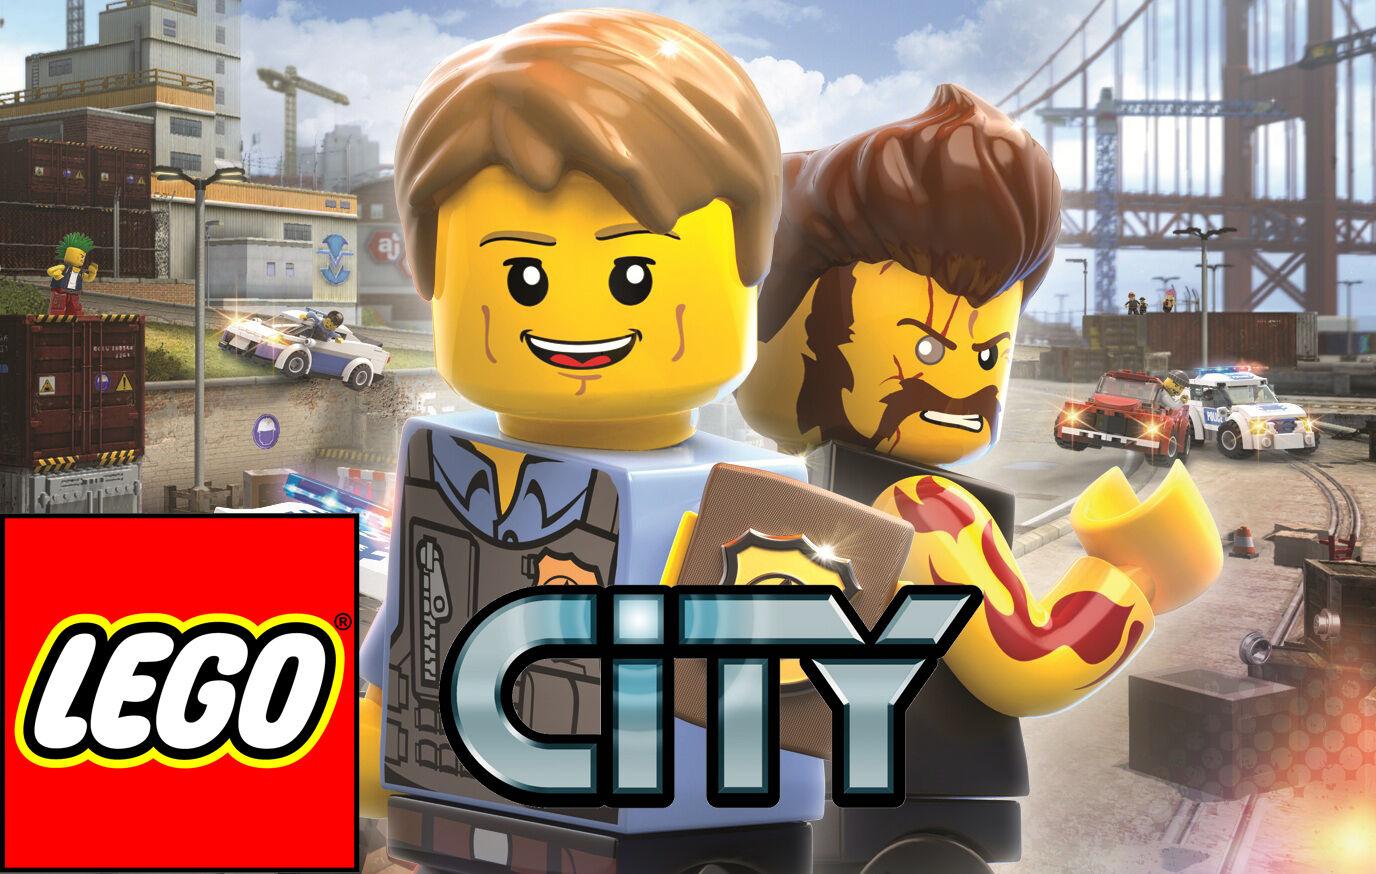 LEGO CITY 7280 7281 7895 7499 60002 60003 60004 60007 60011 60012 60014 60032  | Authentisch